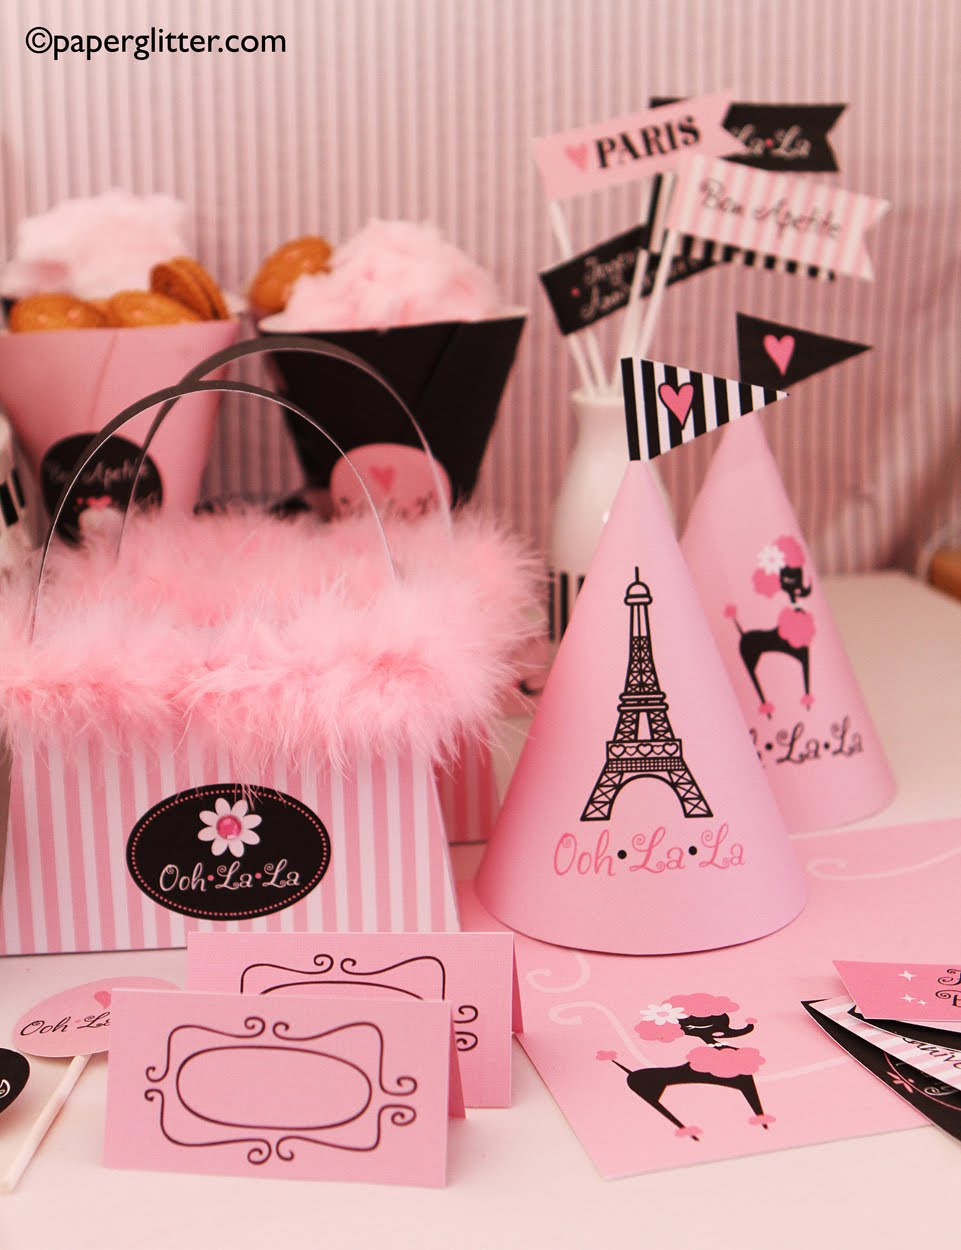 Paper Glitter Cute Downloads Printables Paper Crafts